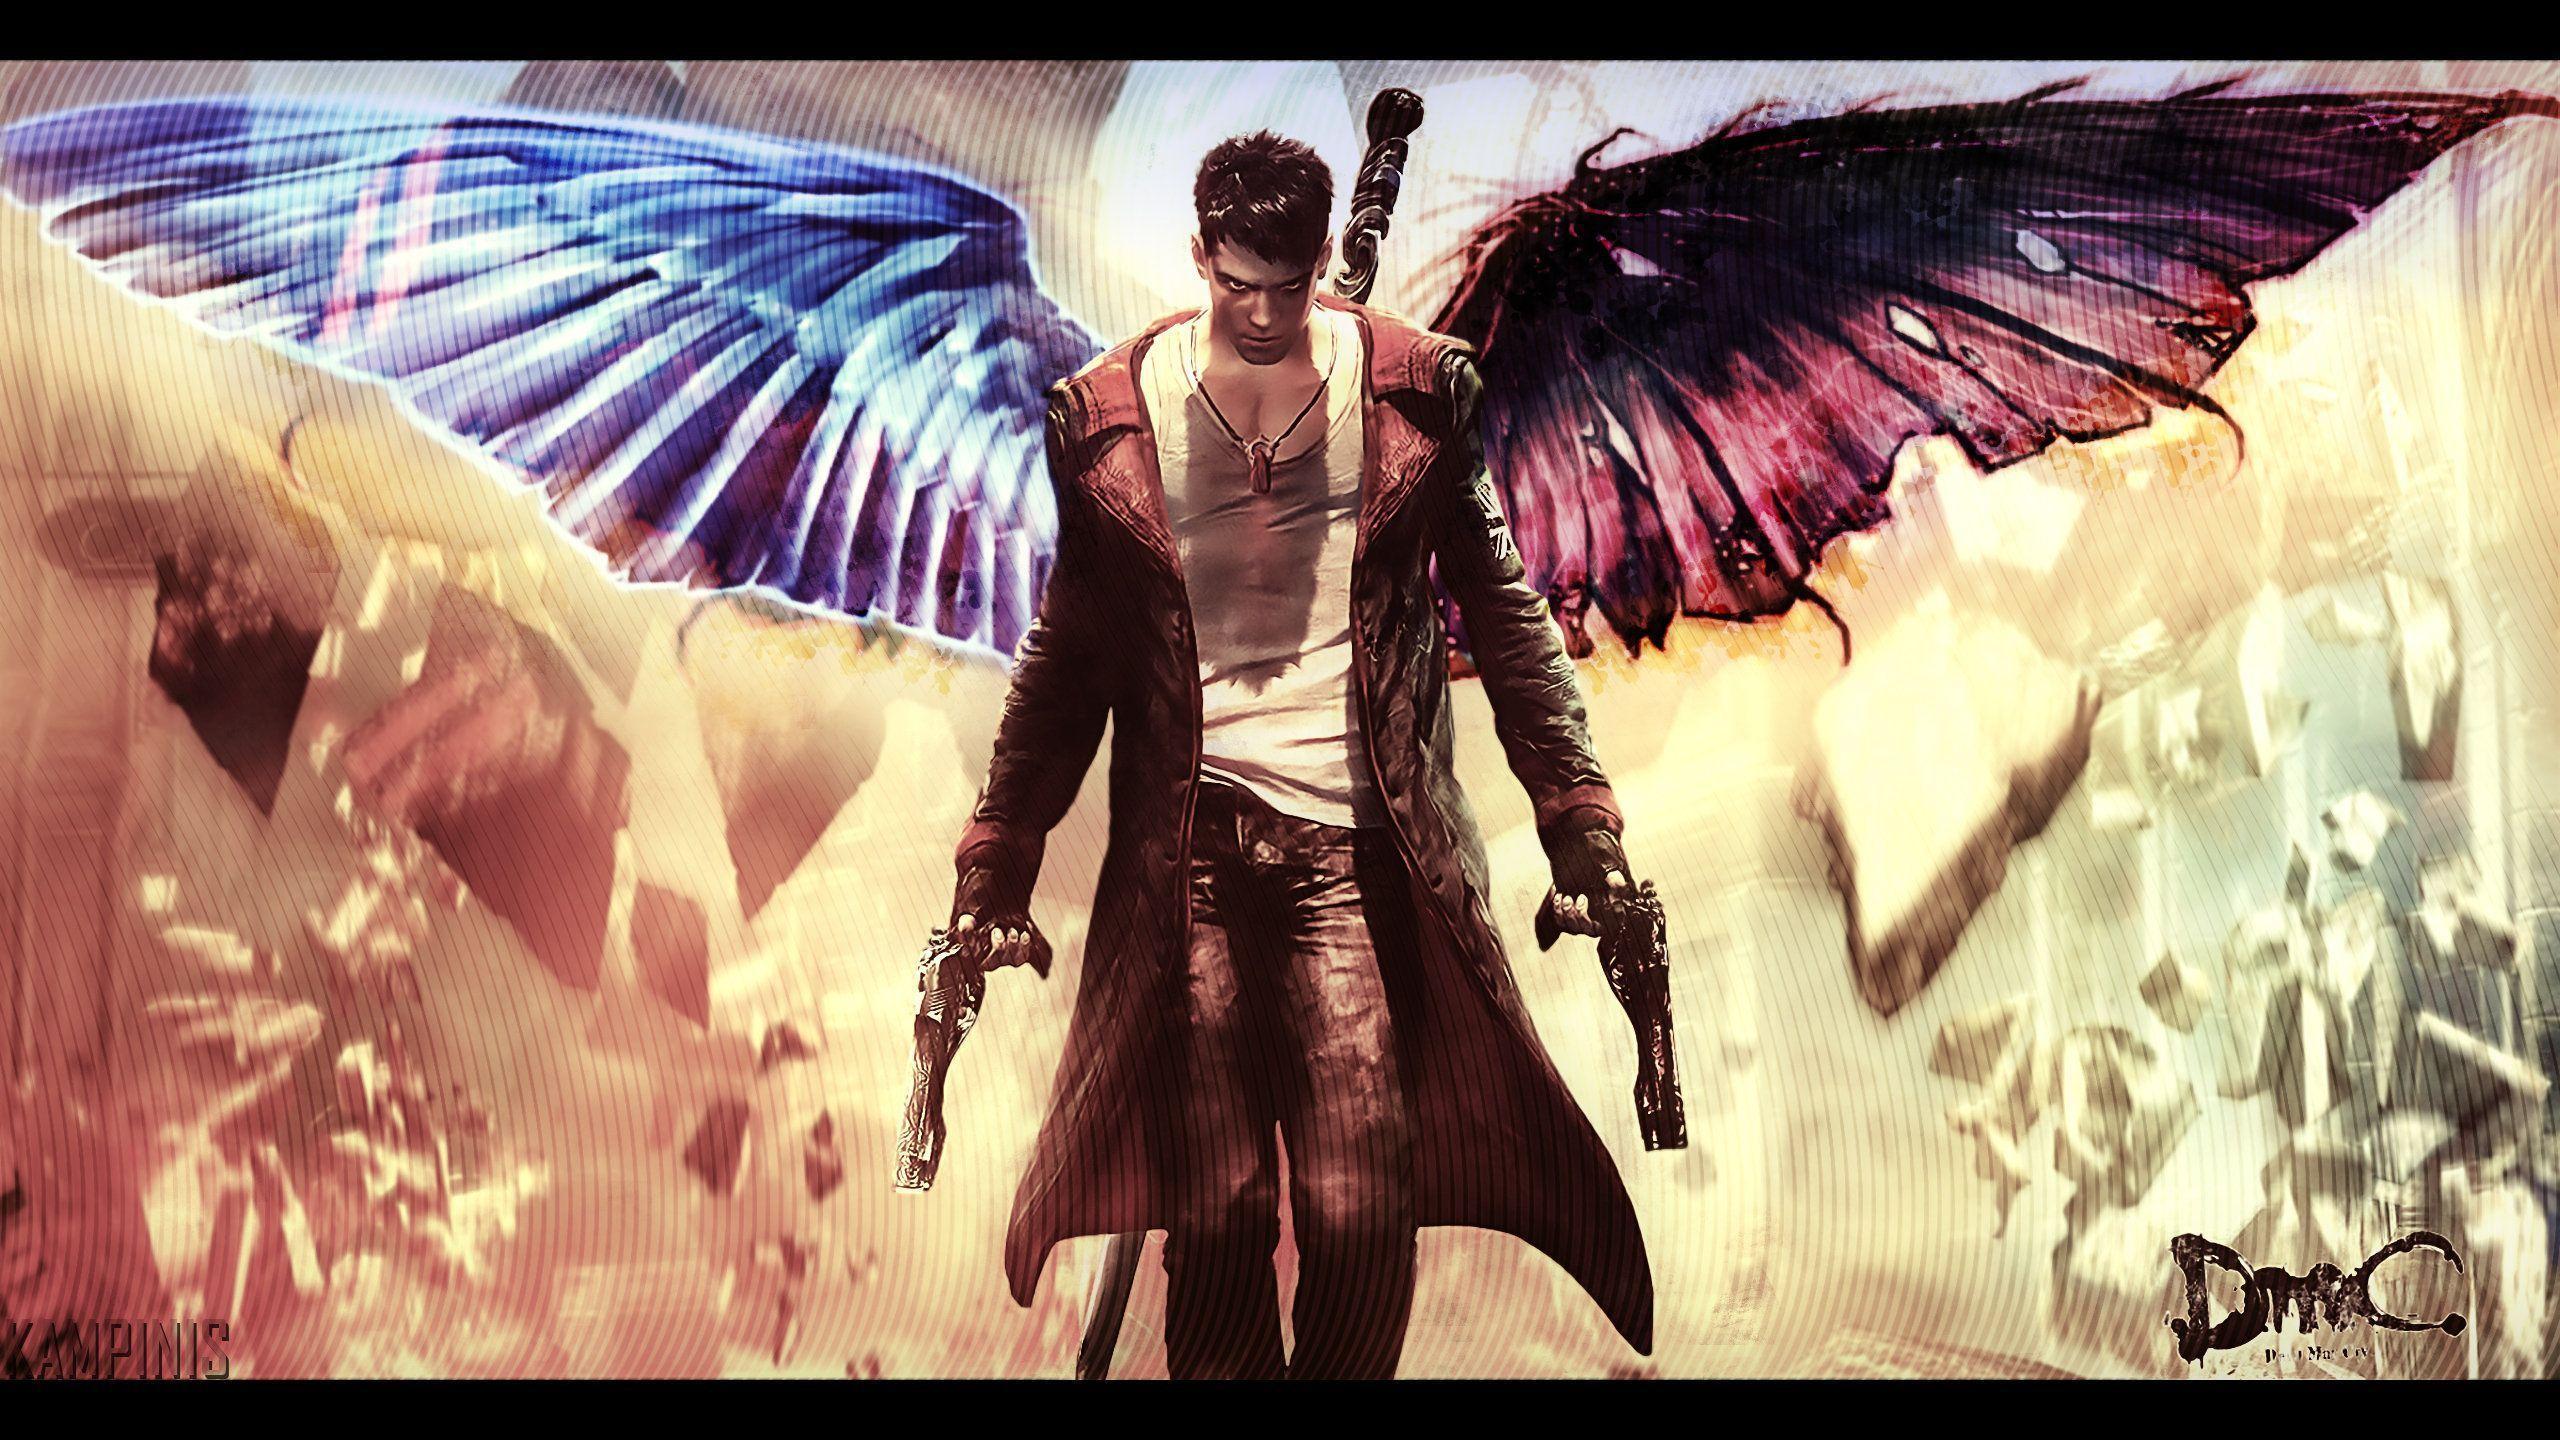 angel devil wings wallpaper - photo #6